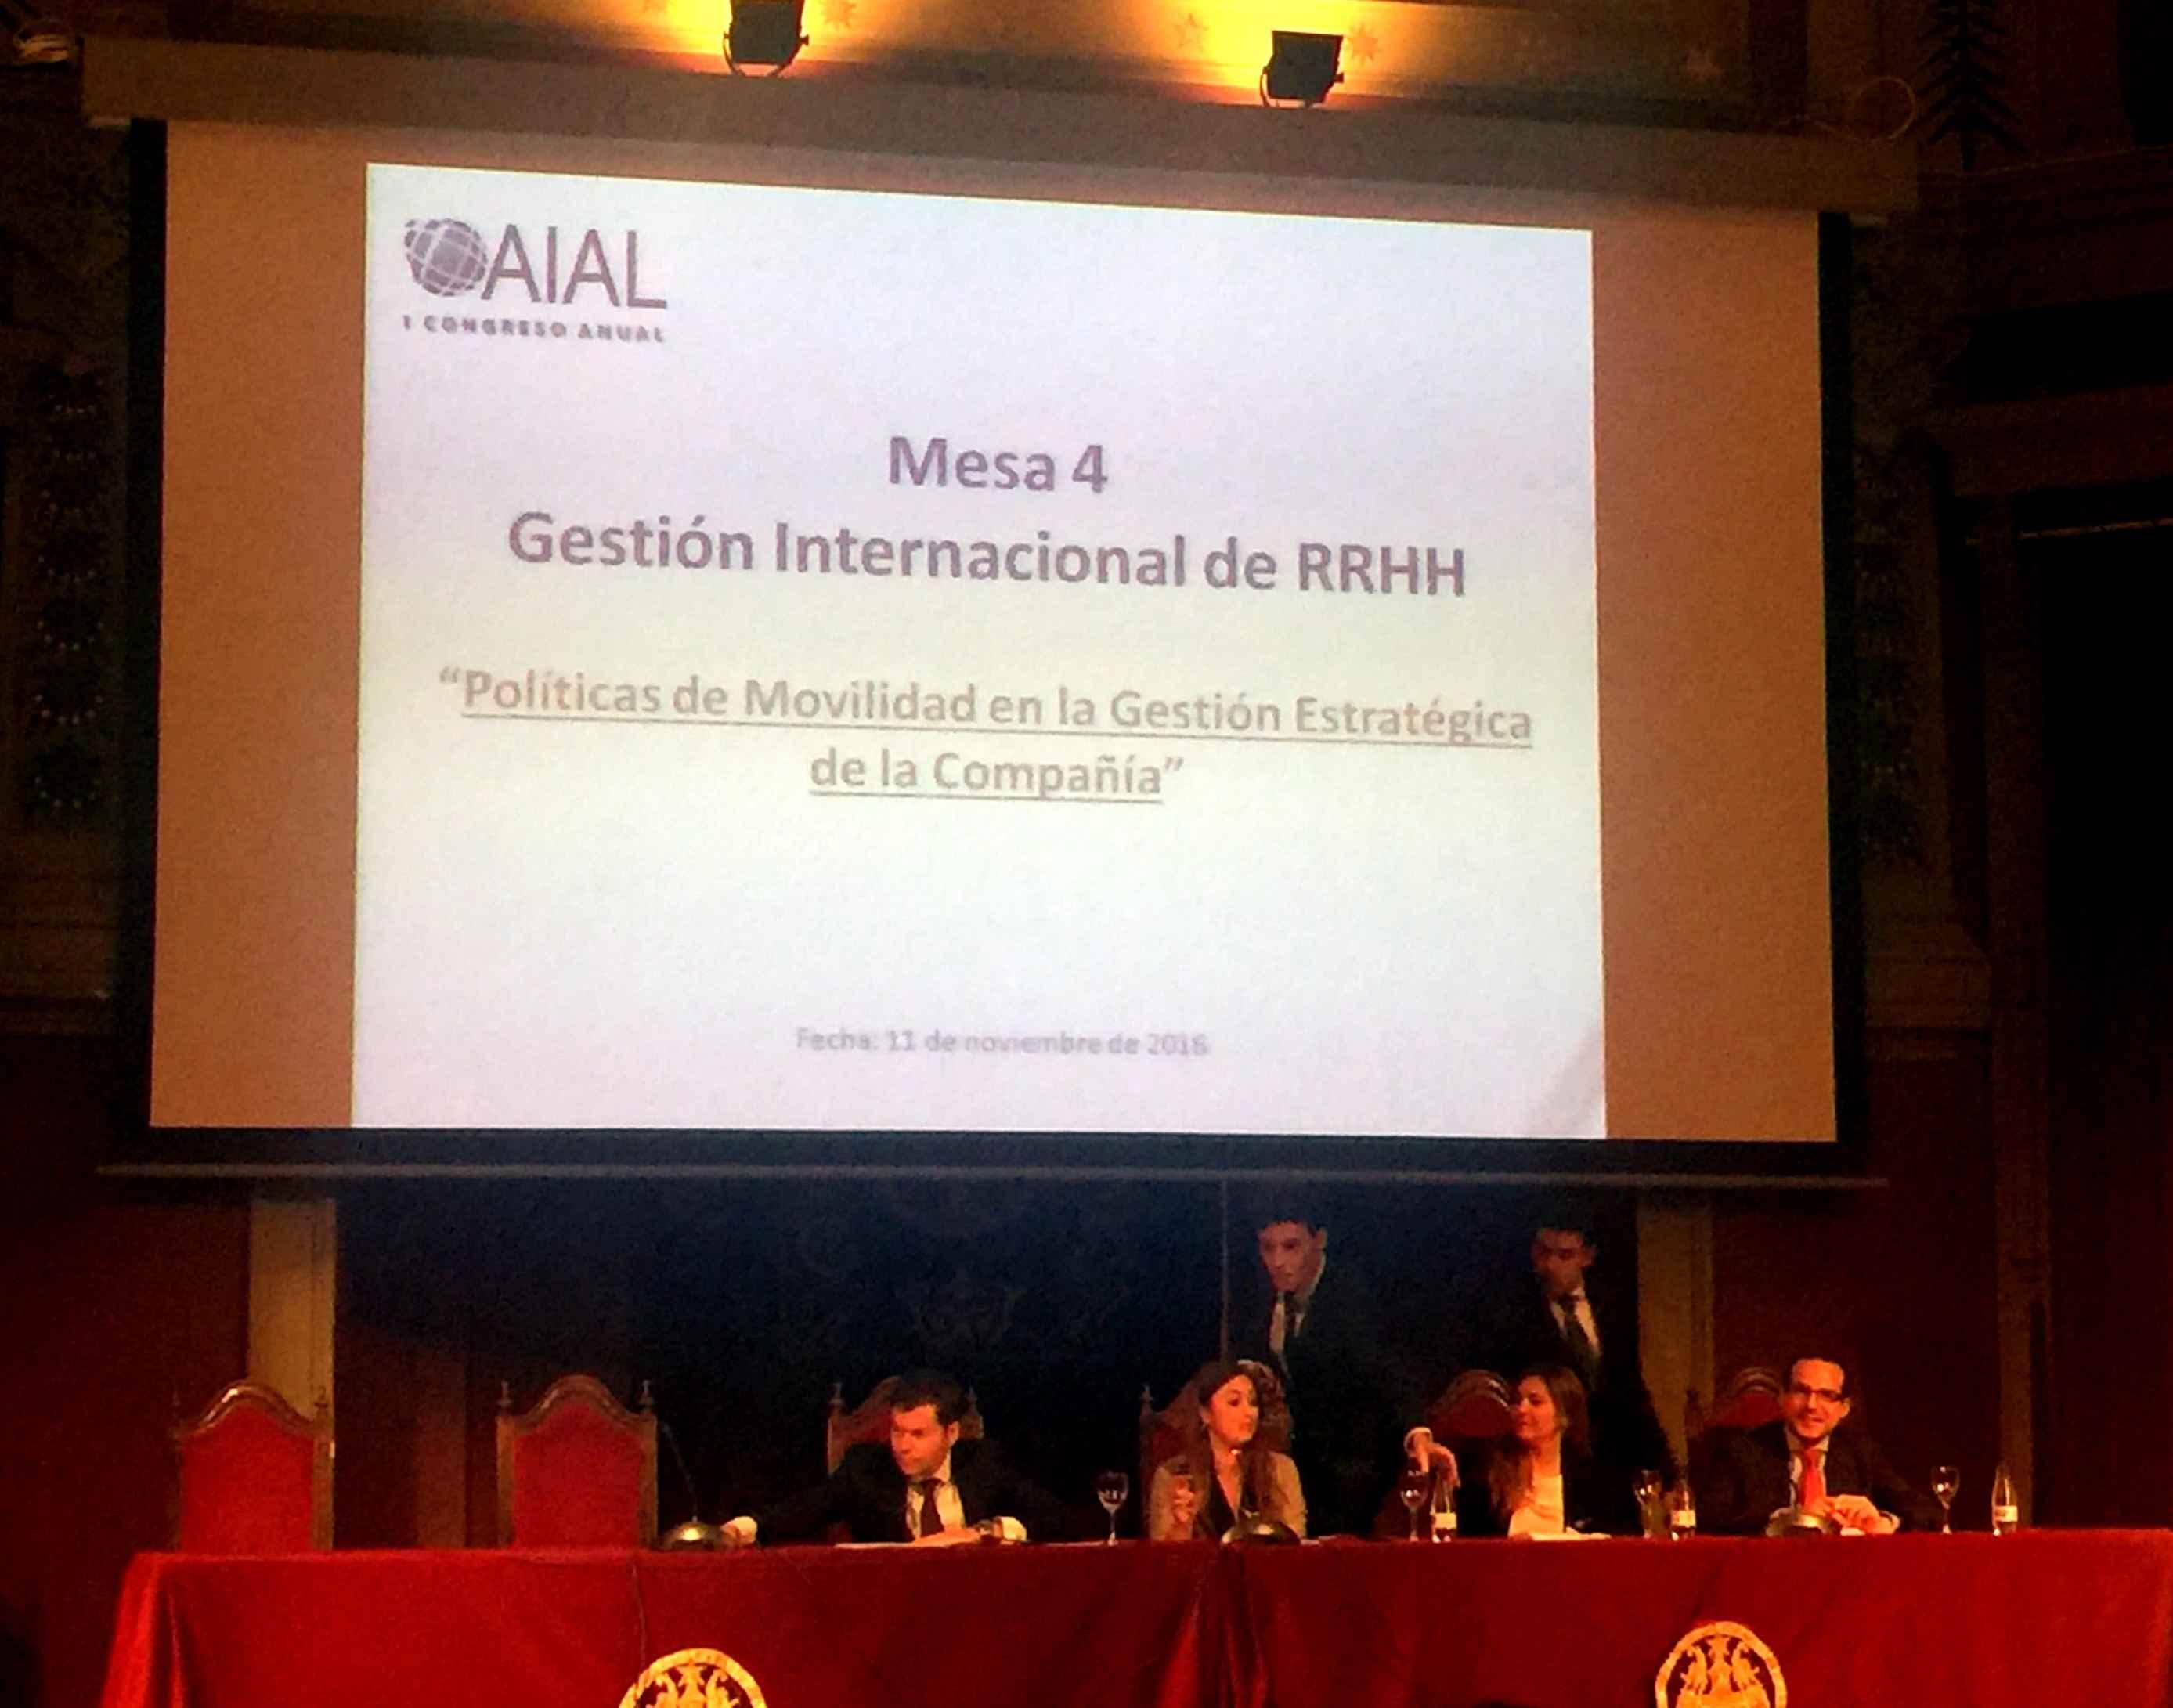 Expat Advisors I Congreso AIAL-12